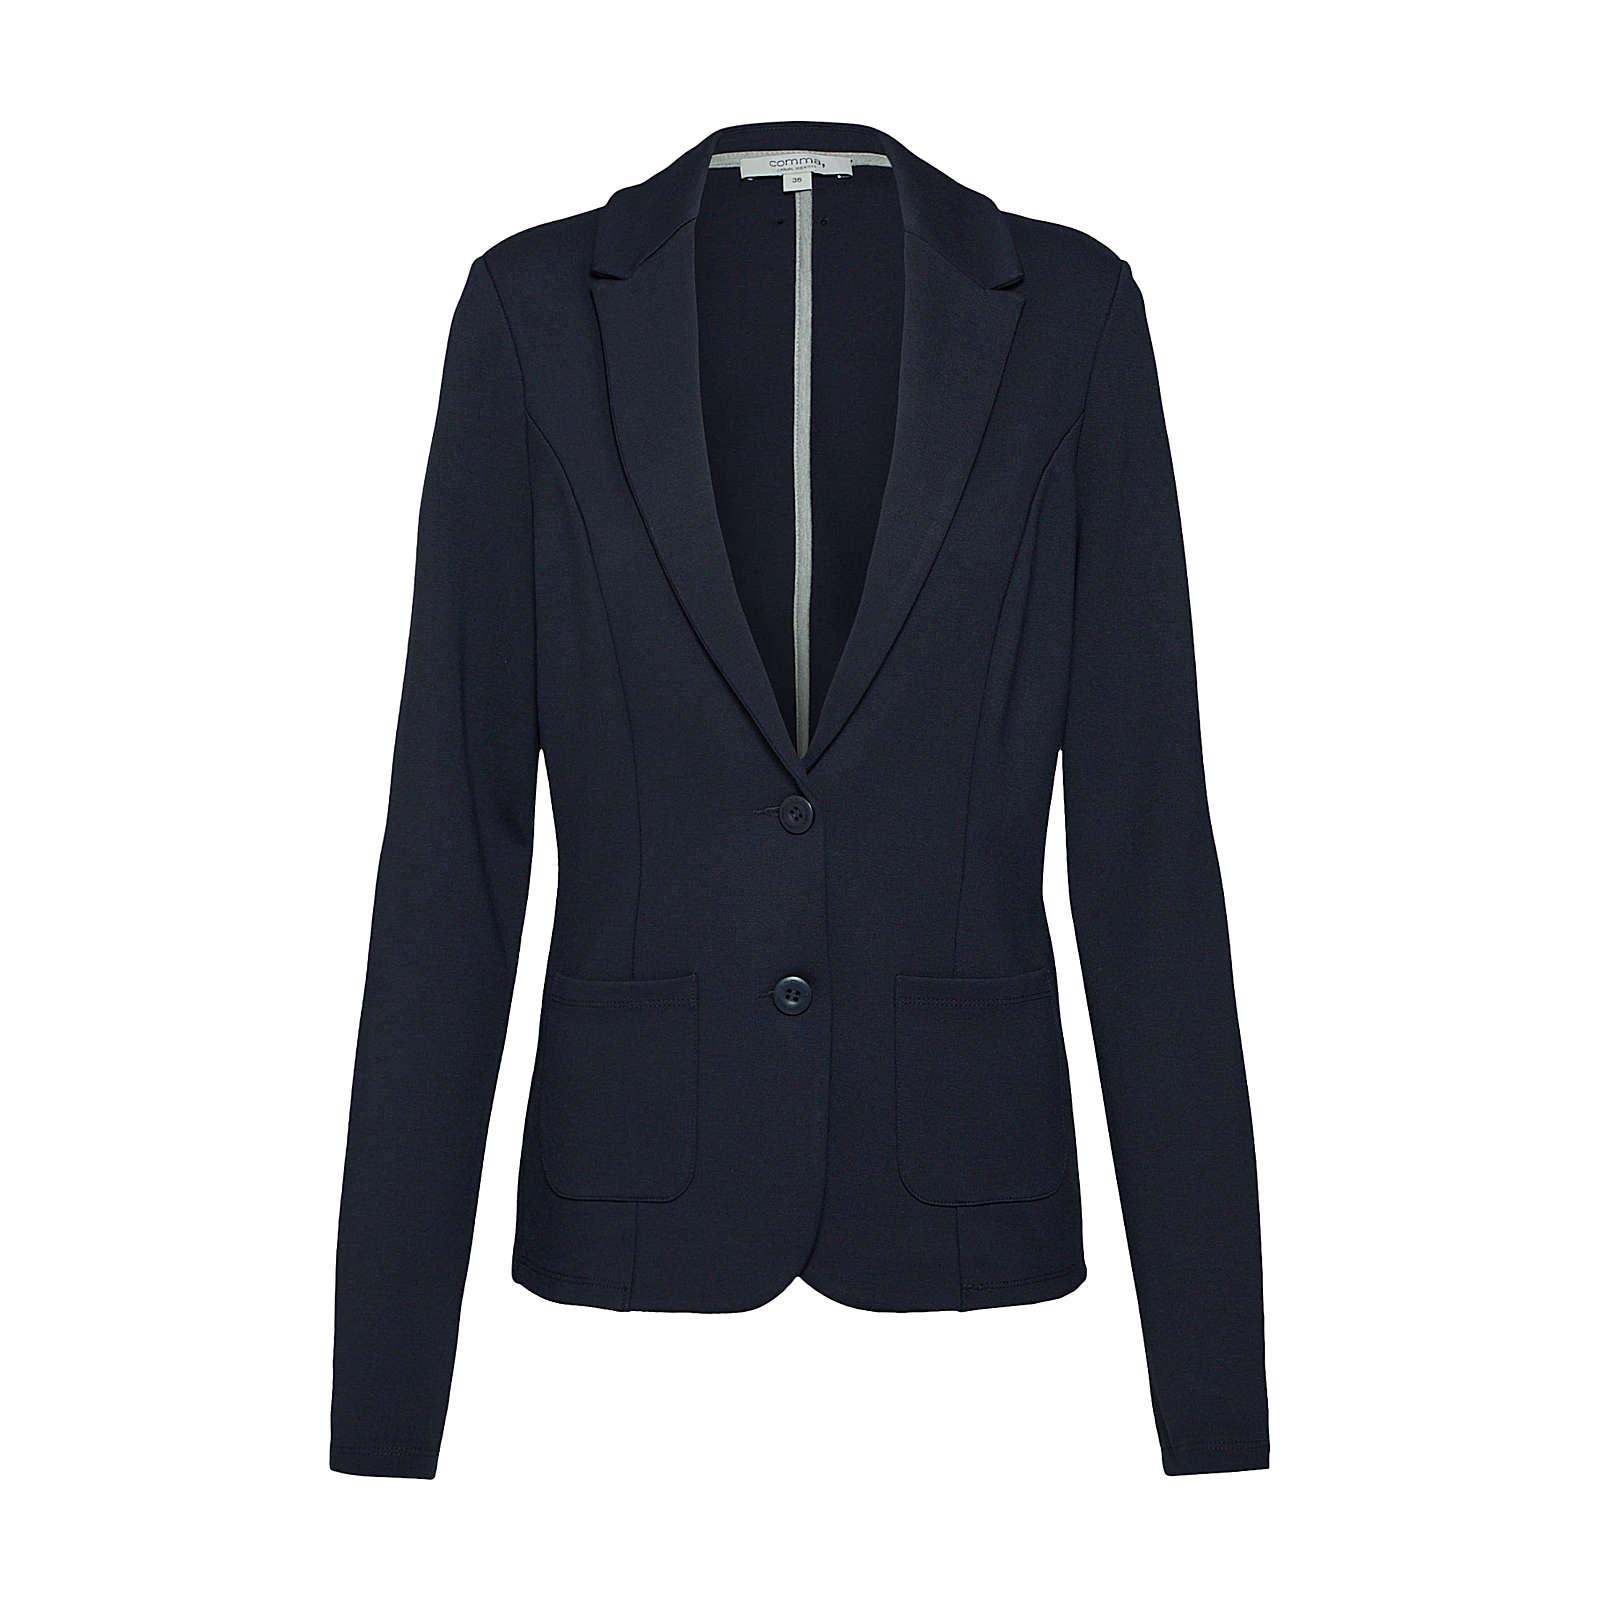 COMMA Blazer Sweatblazer blau Damen Gr. 40